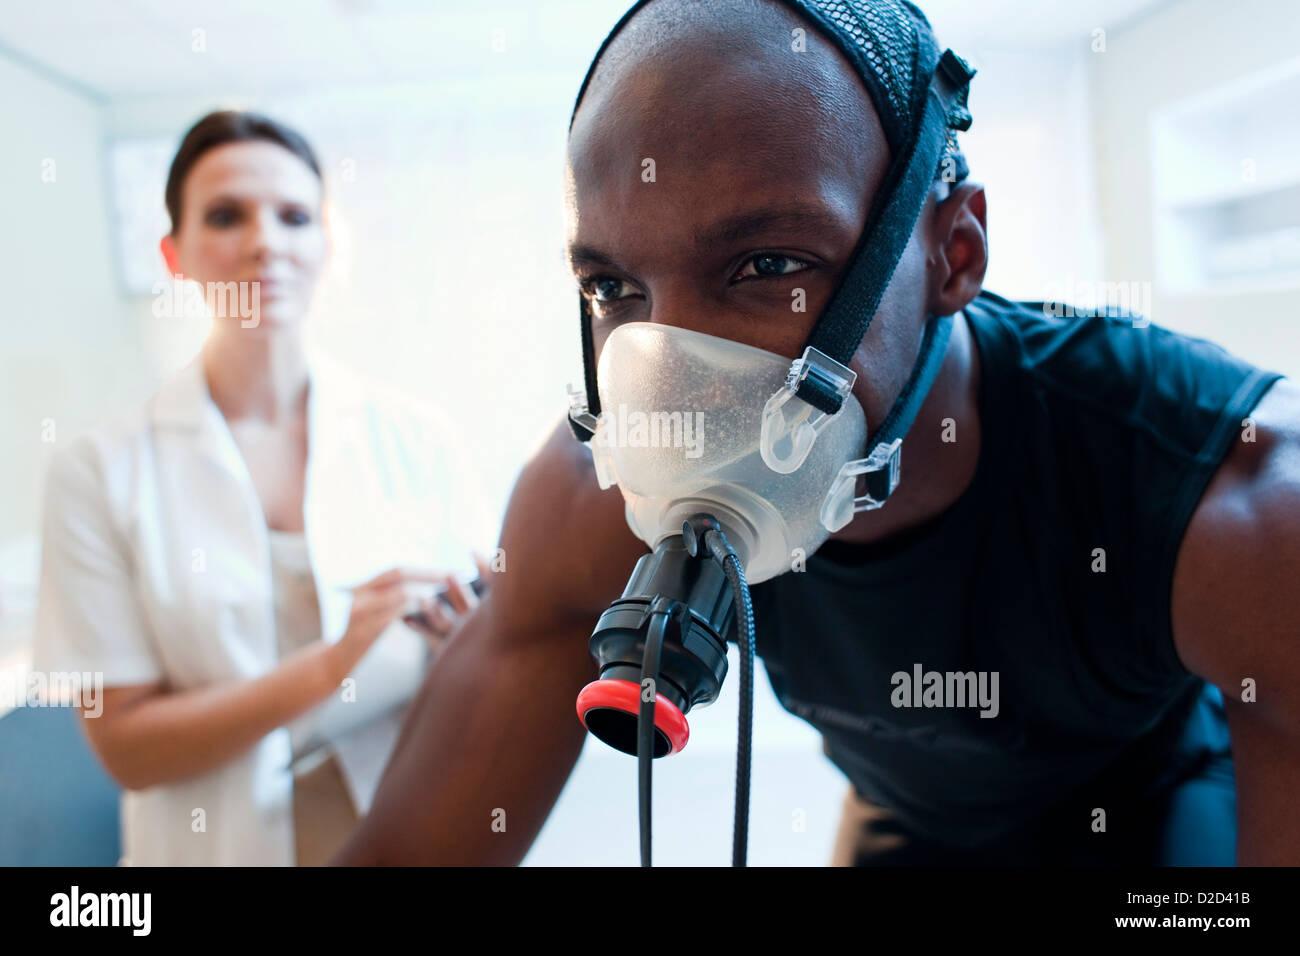 MODEL Release Leistungstests Athlet einen Heimtrainer zu reiten, während seine Leistung und Sauerstoffverbrauch Stockbild